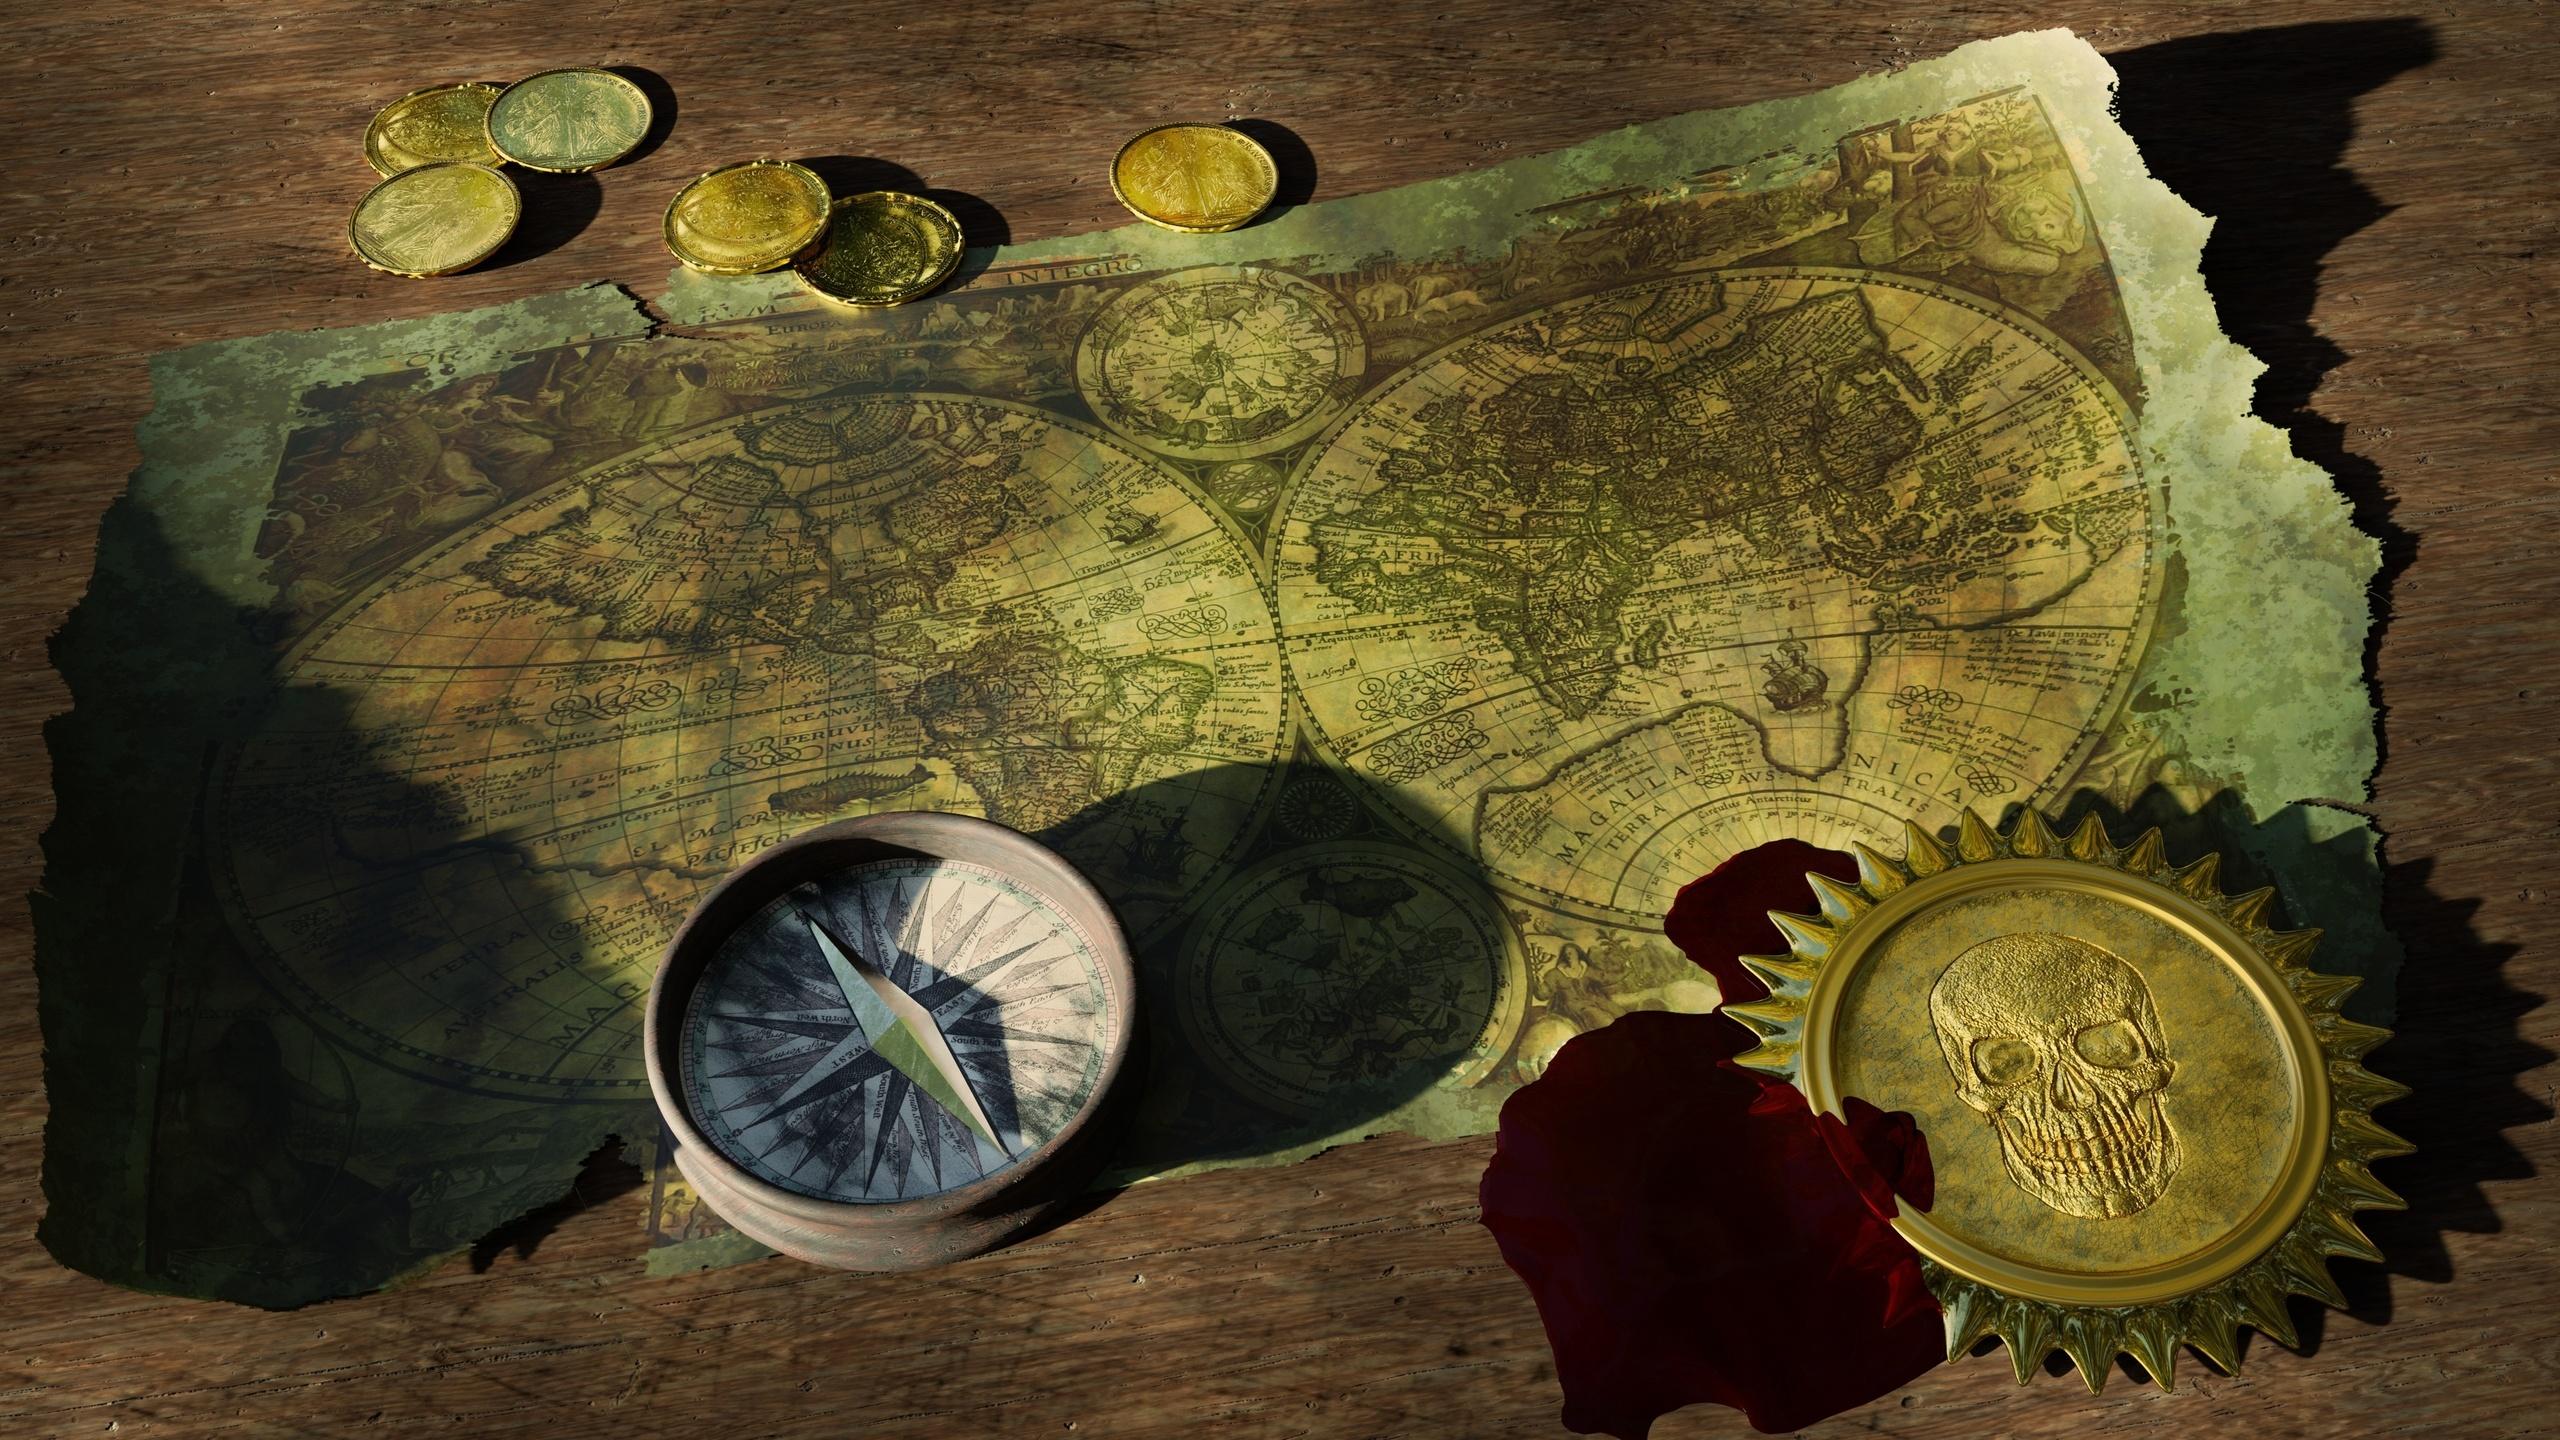 деньги, монеты, географическая карта, старый, компас